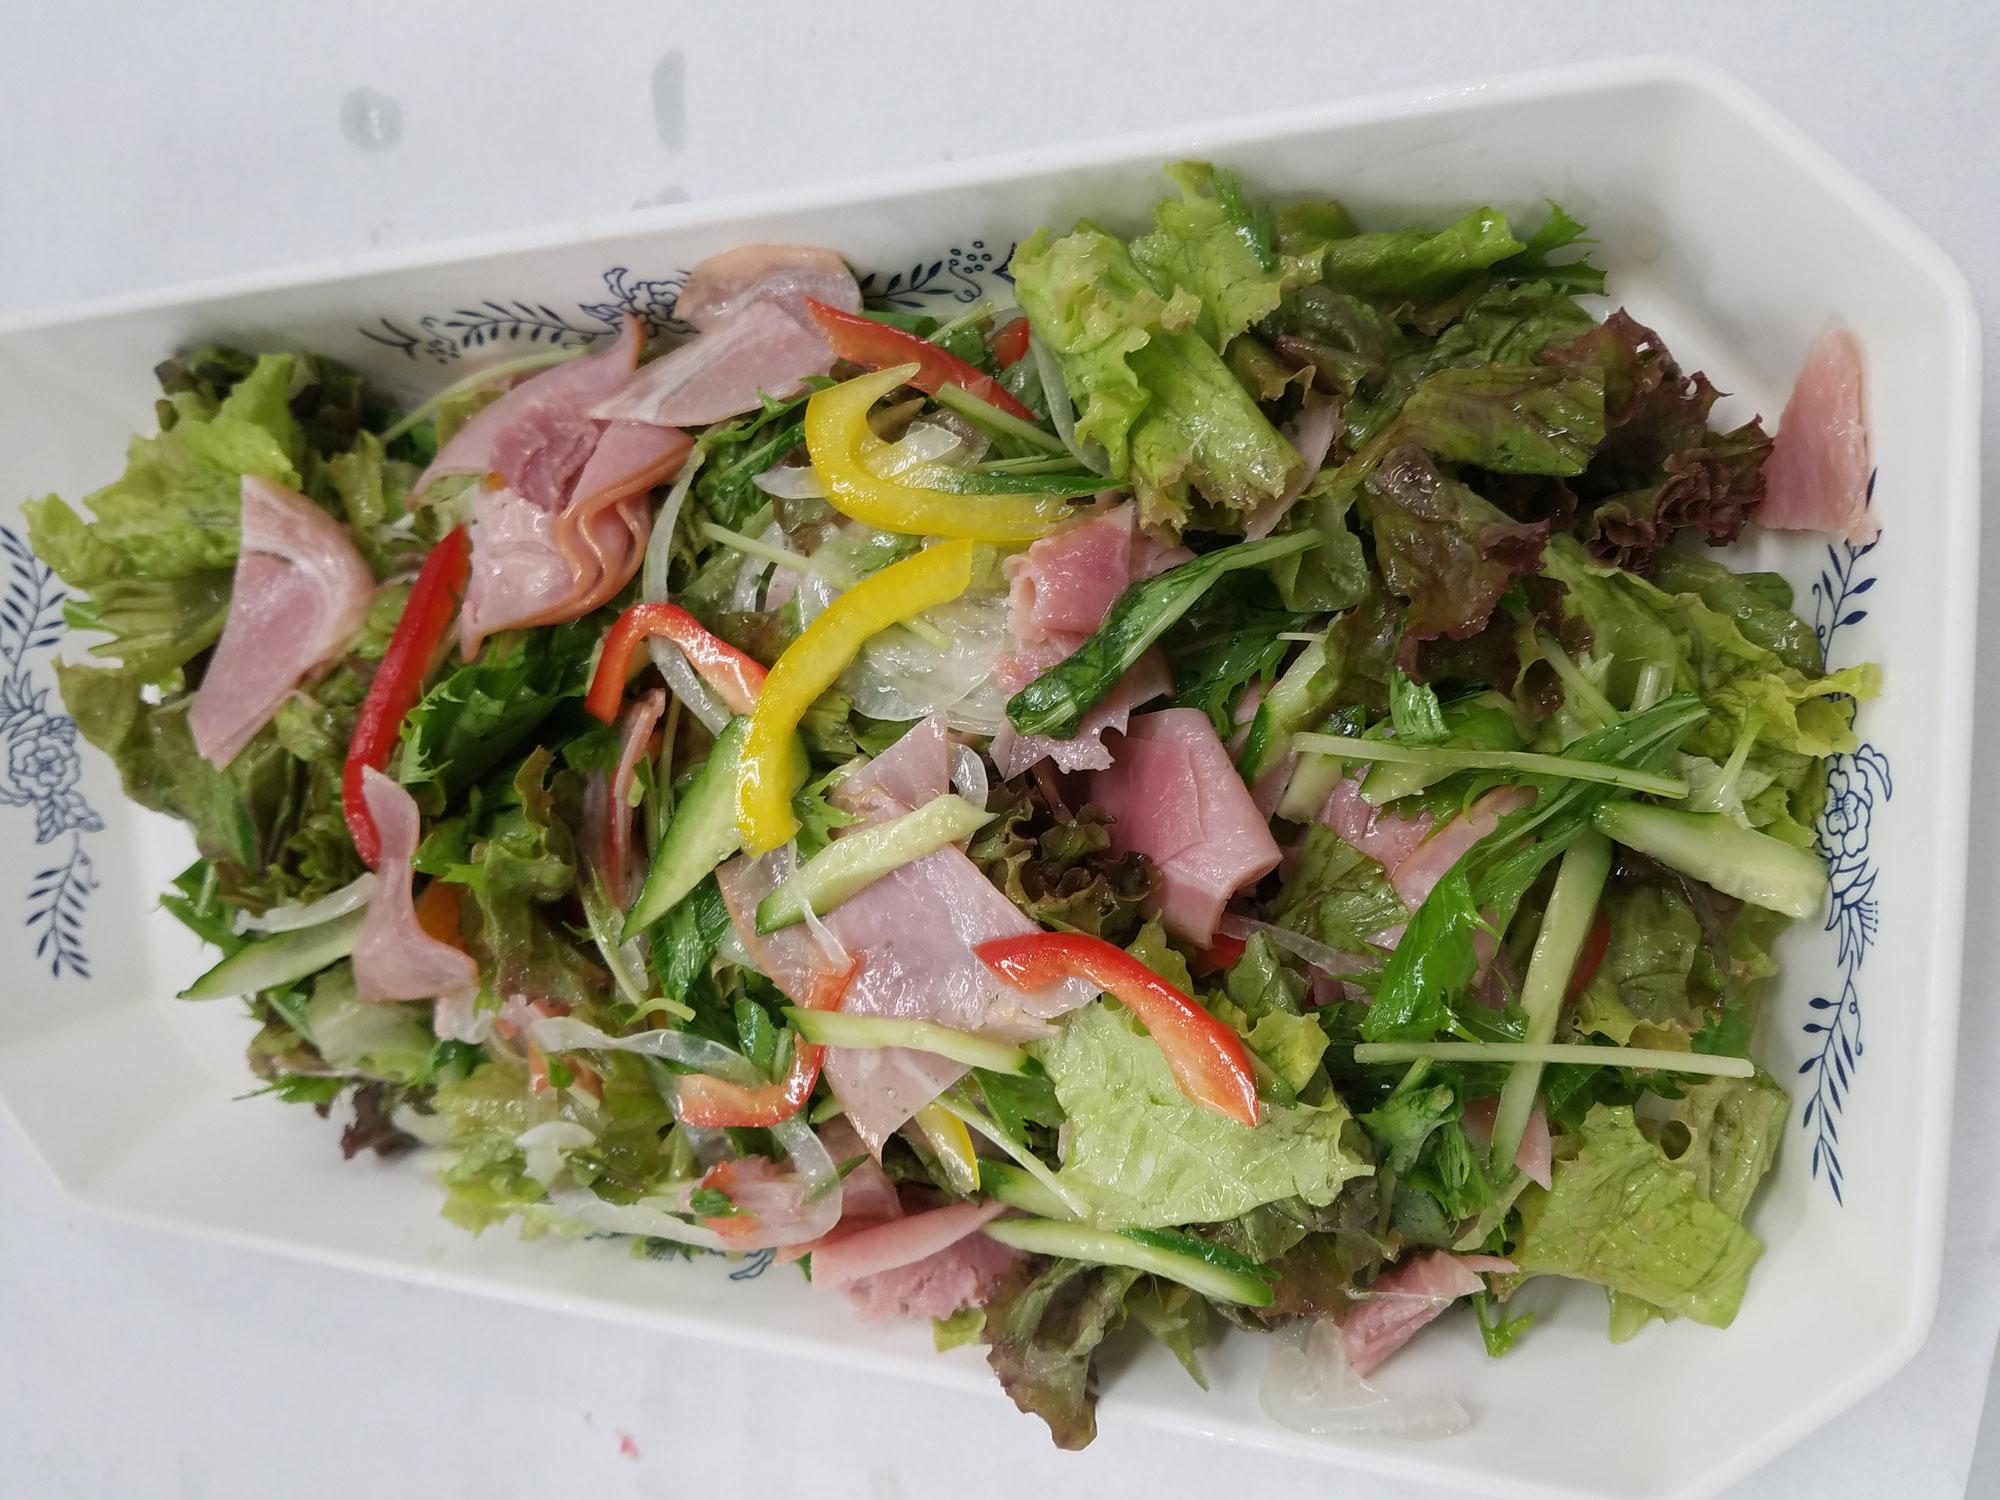 ハム・サラダ系が冬の時期より動きが良く